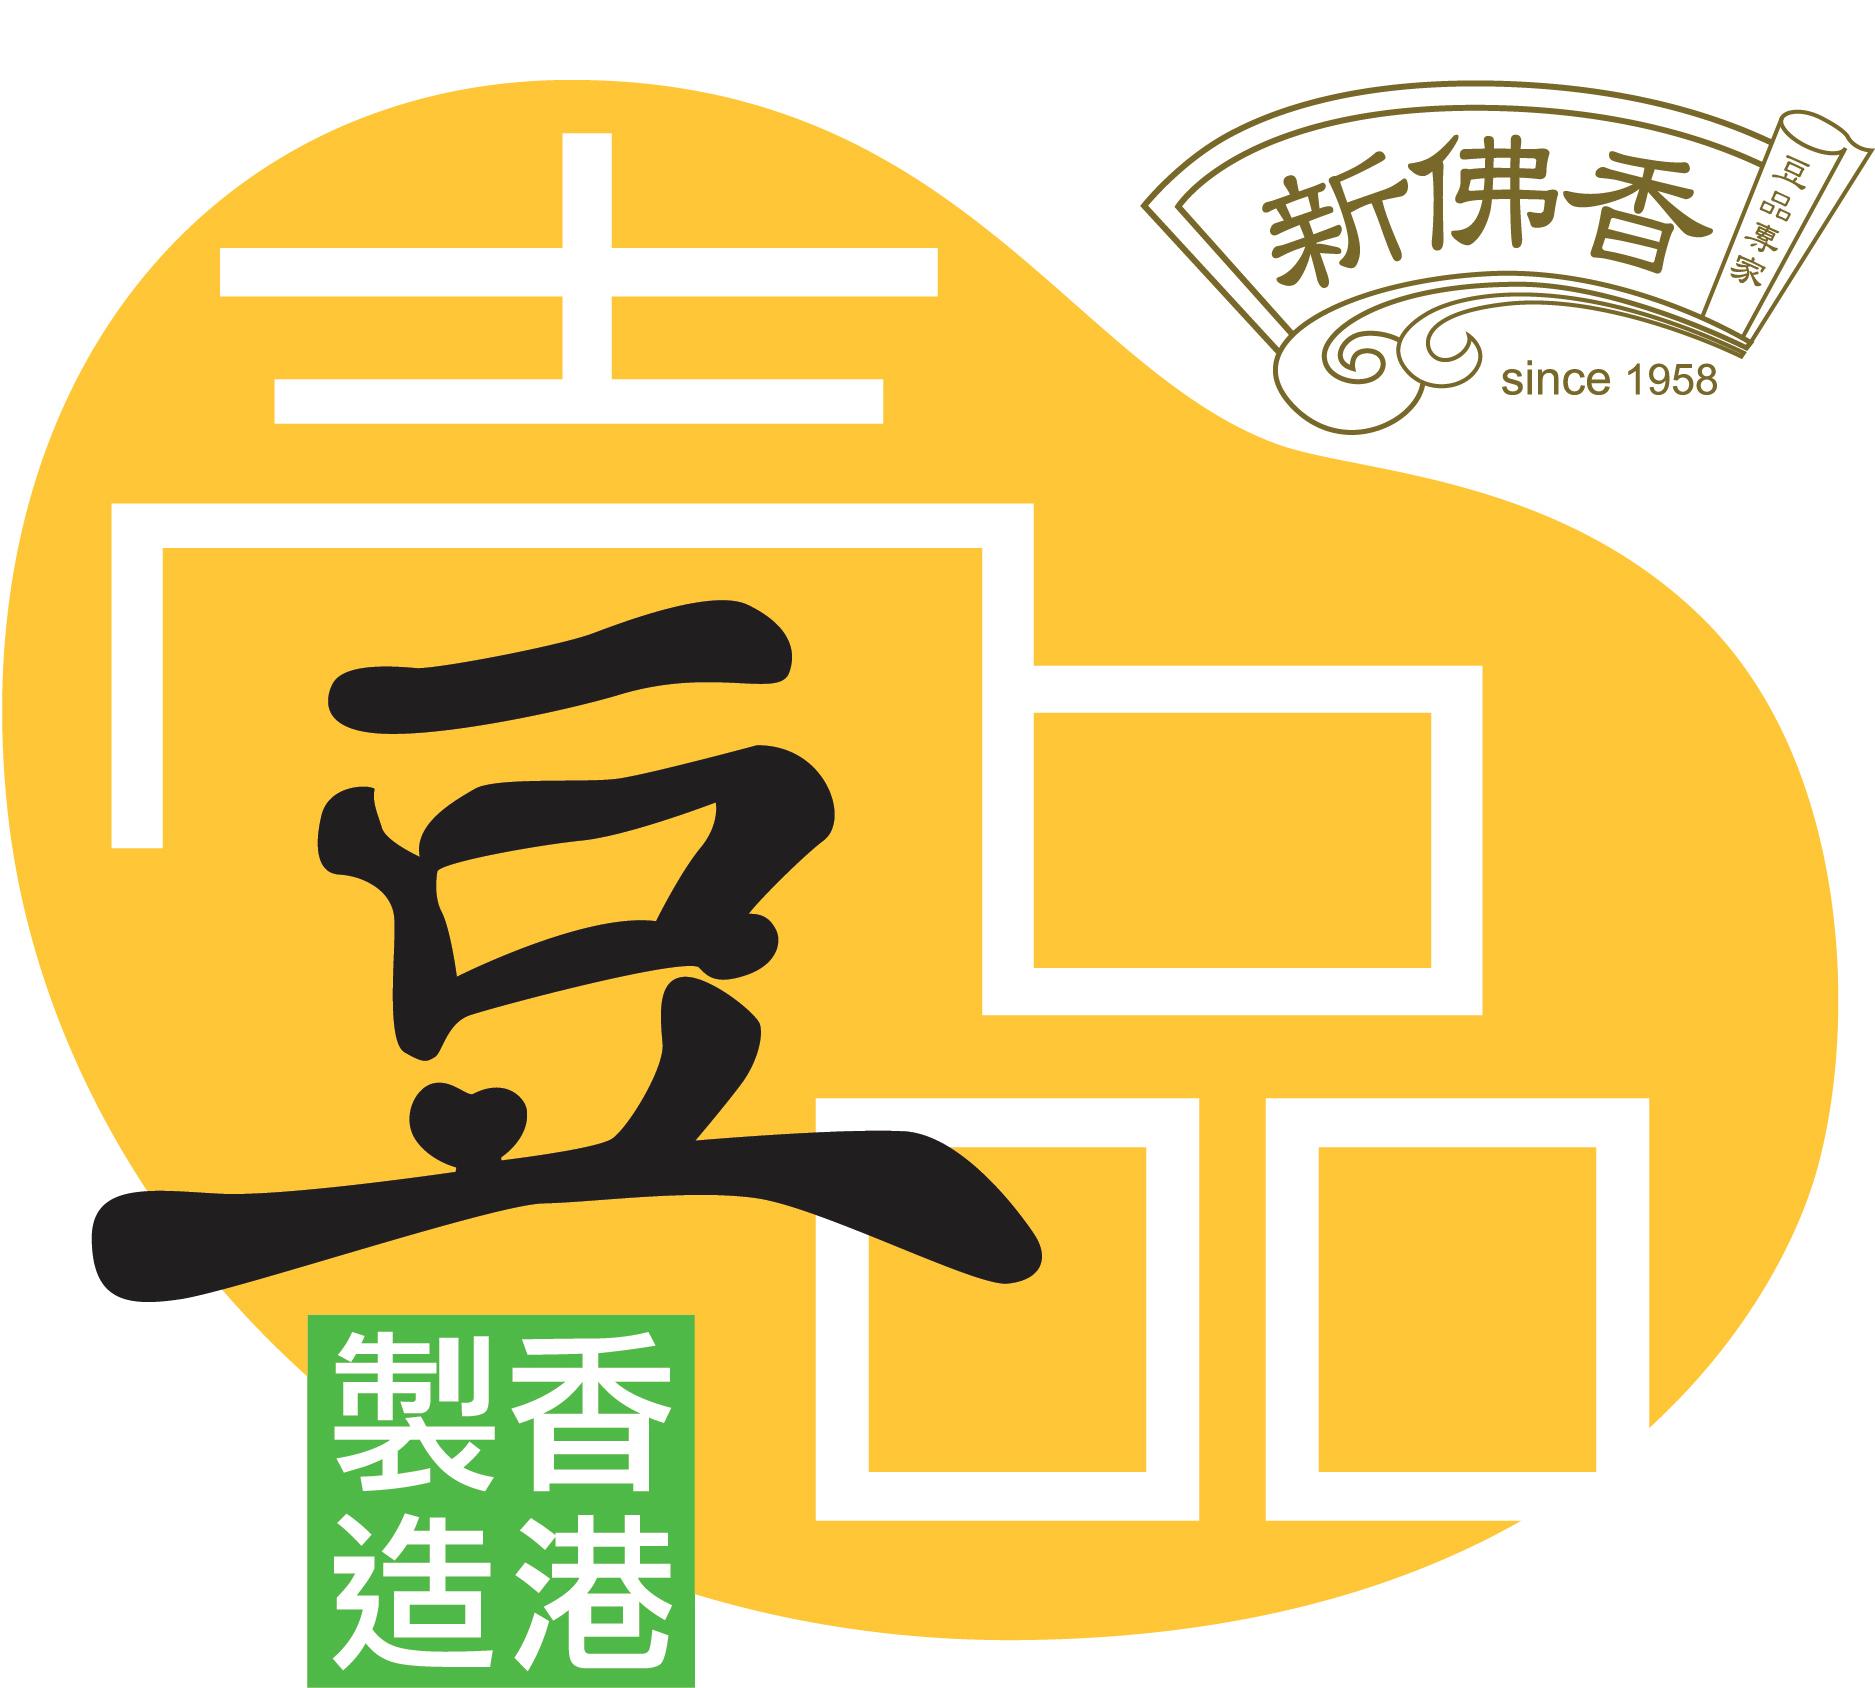 food scheme 2019 gold SunFatHeung